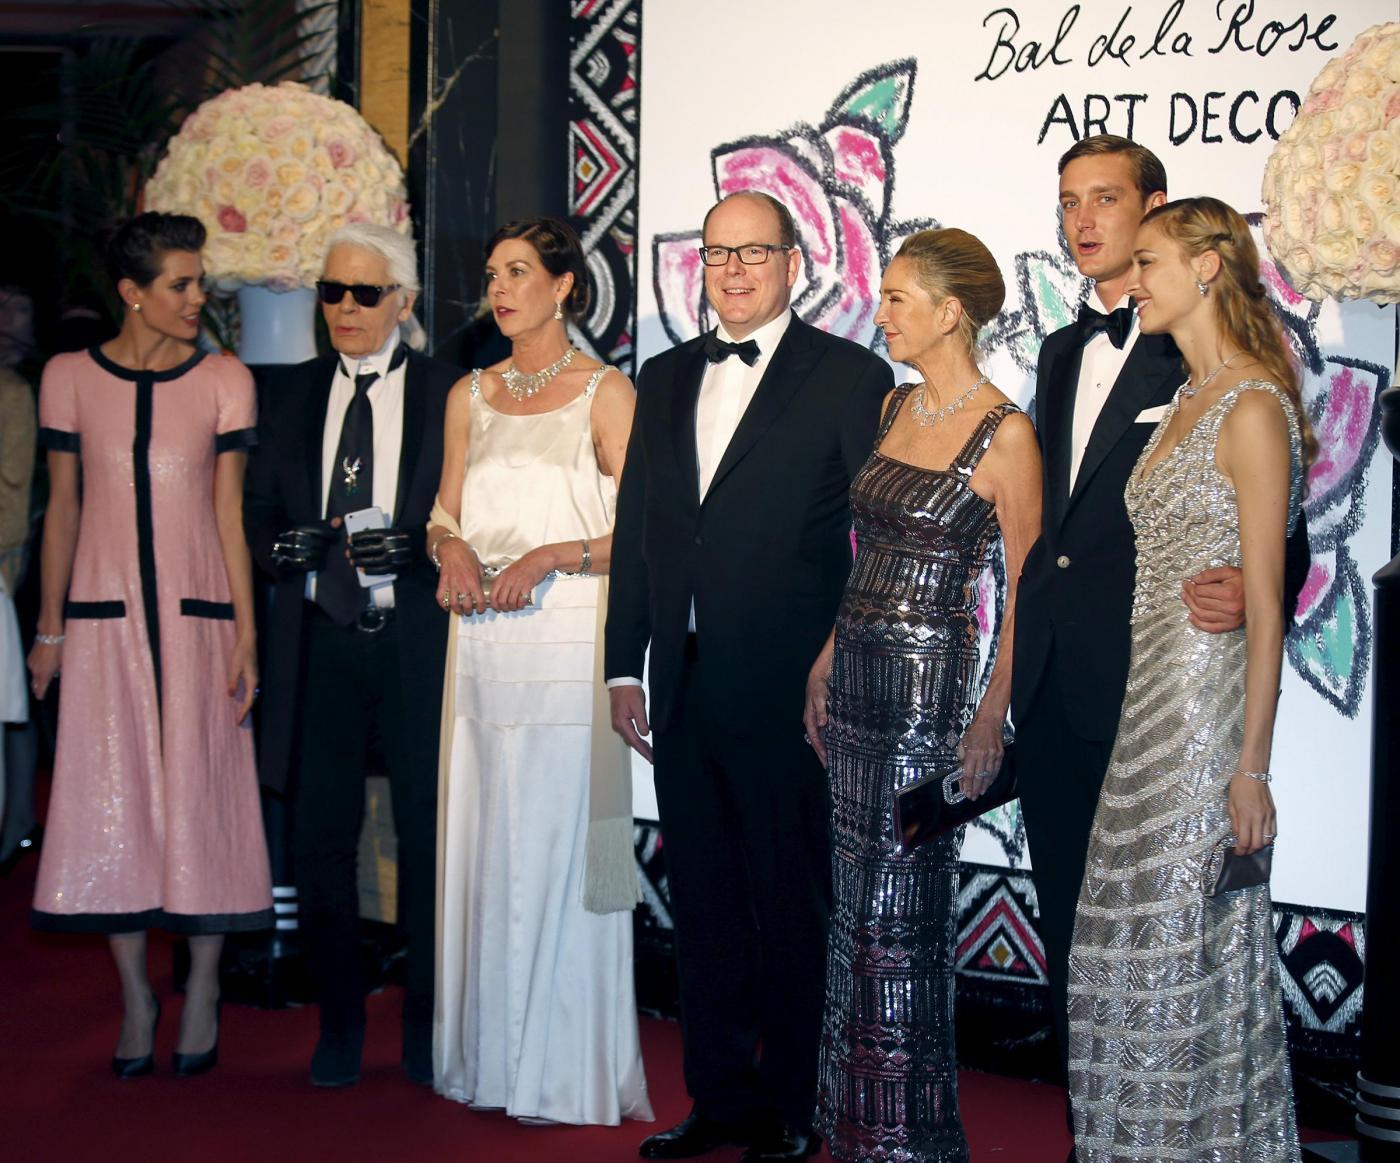 Ballo della Rosa 2015: Pierre, Beatrice e gli altri ospiti